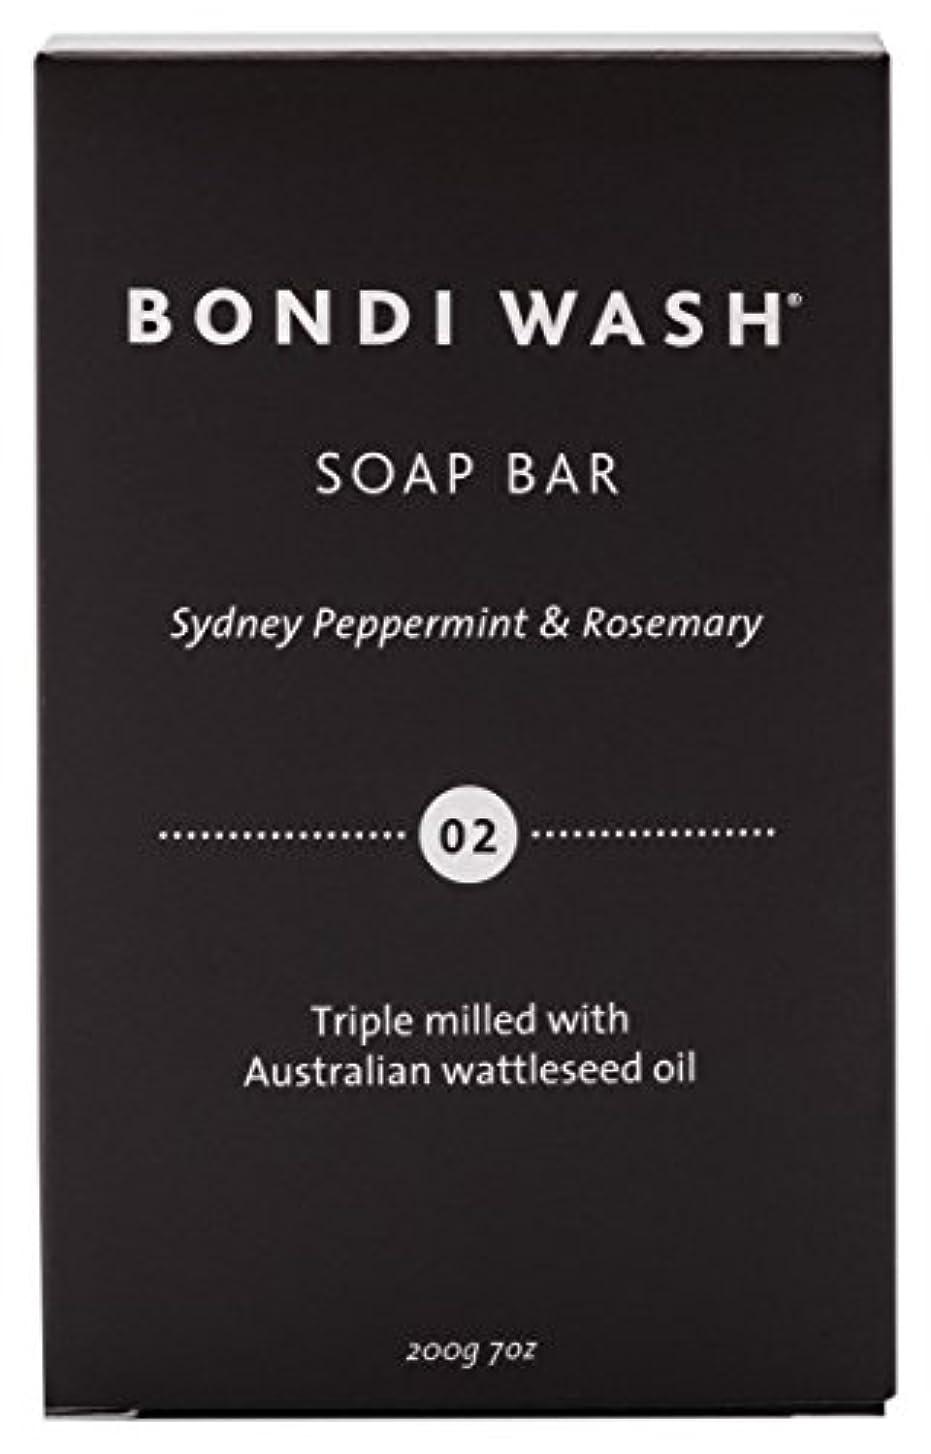 処理丘同様にBONDI WASH ソープバー(固形石鹸) シドニーペパーミント&ローズマリー 200g